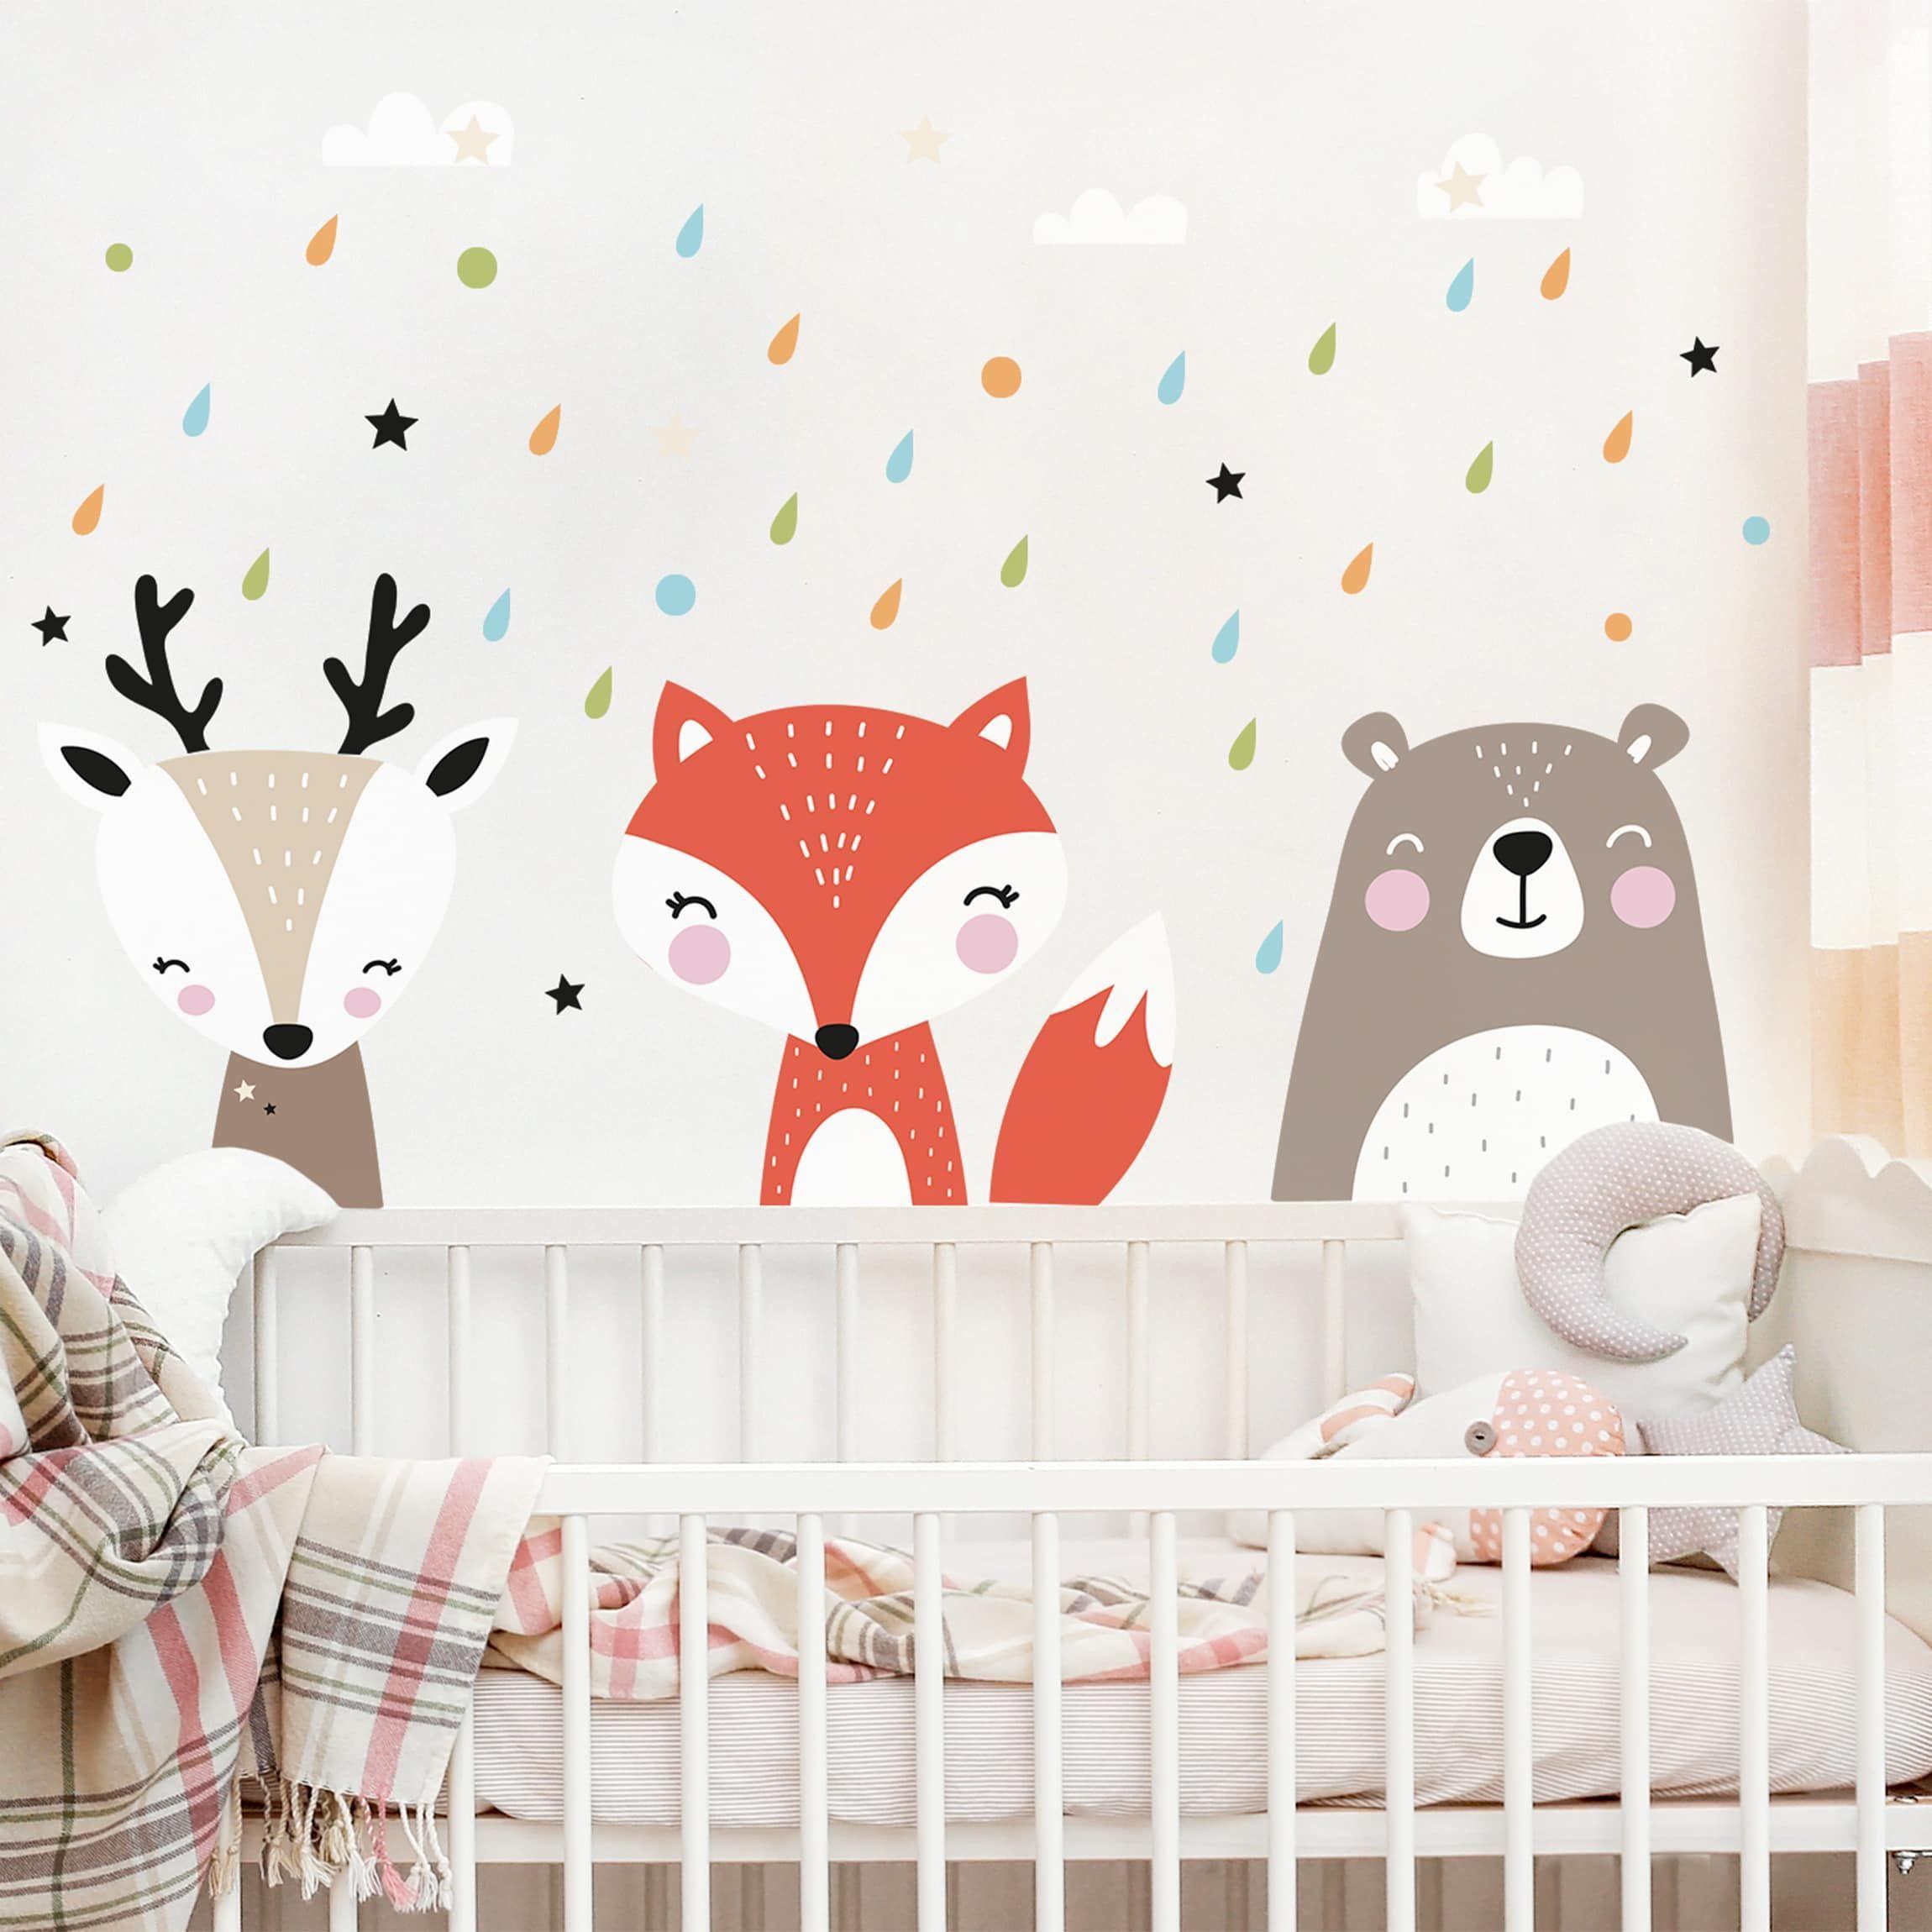 Wandtattoo Susse Waldtiere In 2020 Wandtattoo Kinderzimmer